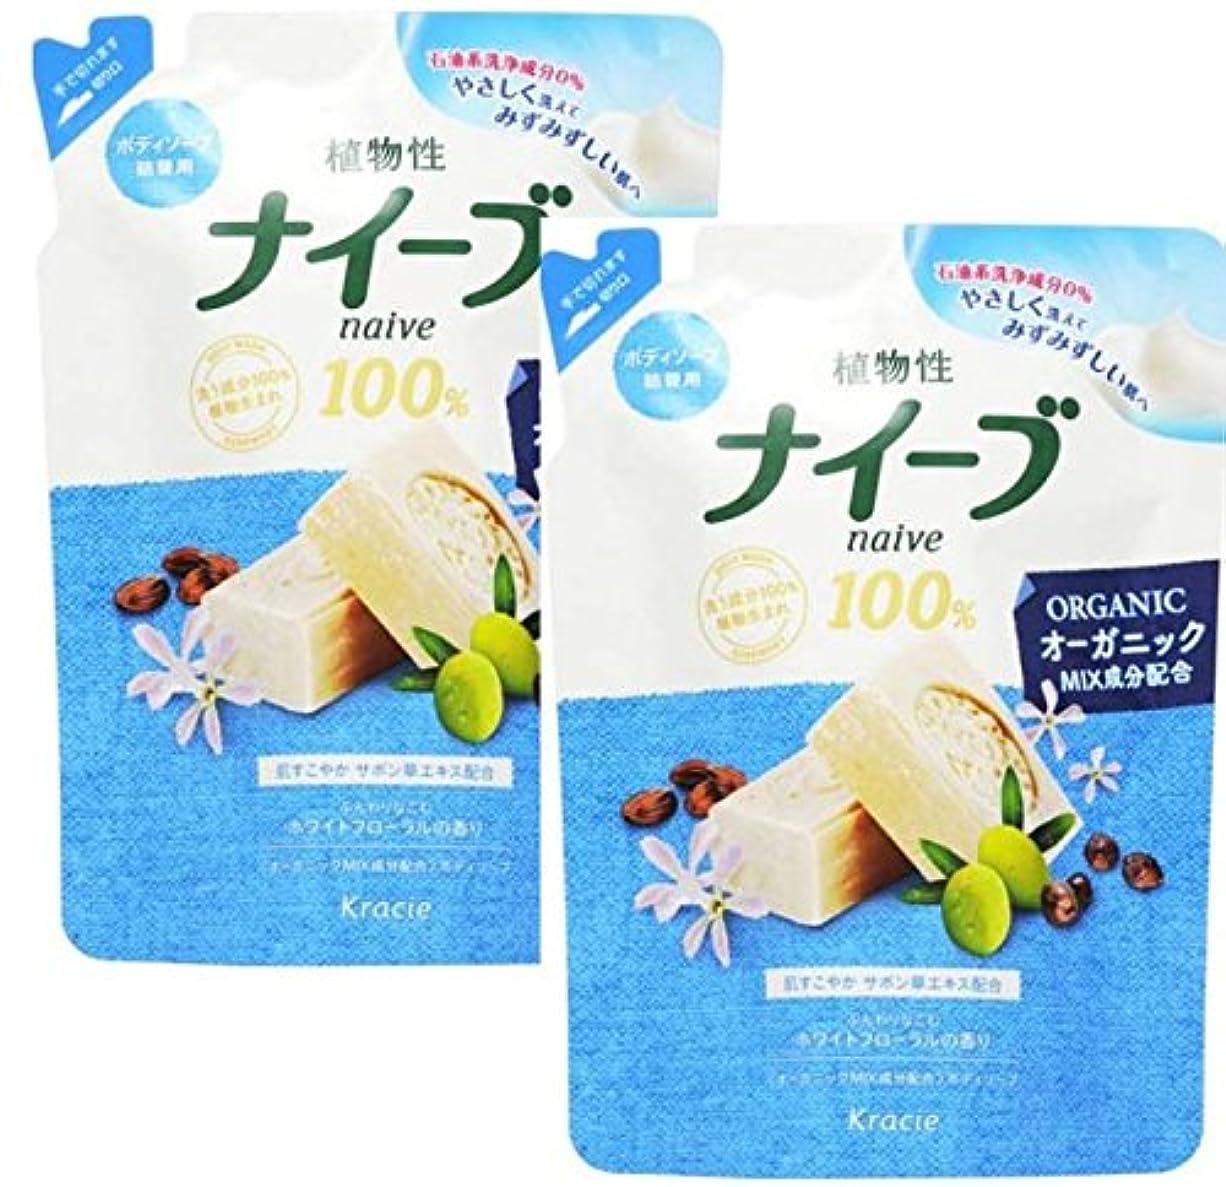 バケツ模倣一定ナイーブ ボディソープ サボン草エキス配合 詰替用 400ml / ホワイトフローラルの香り 【2点セット】